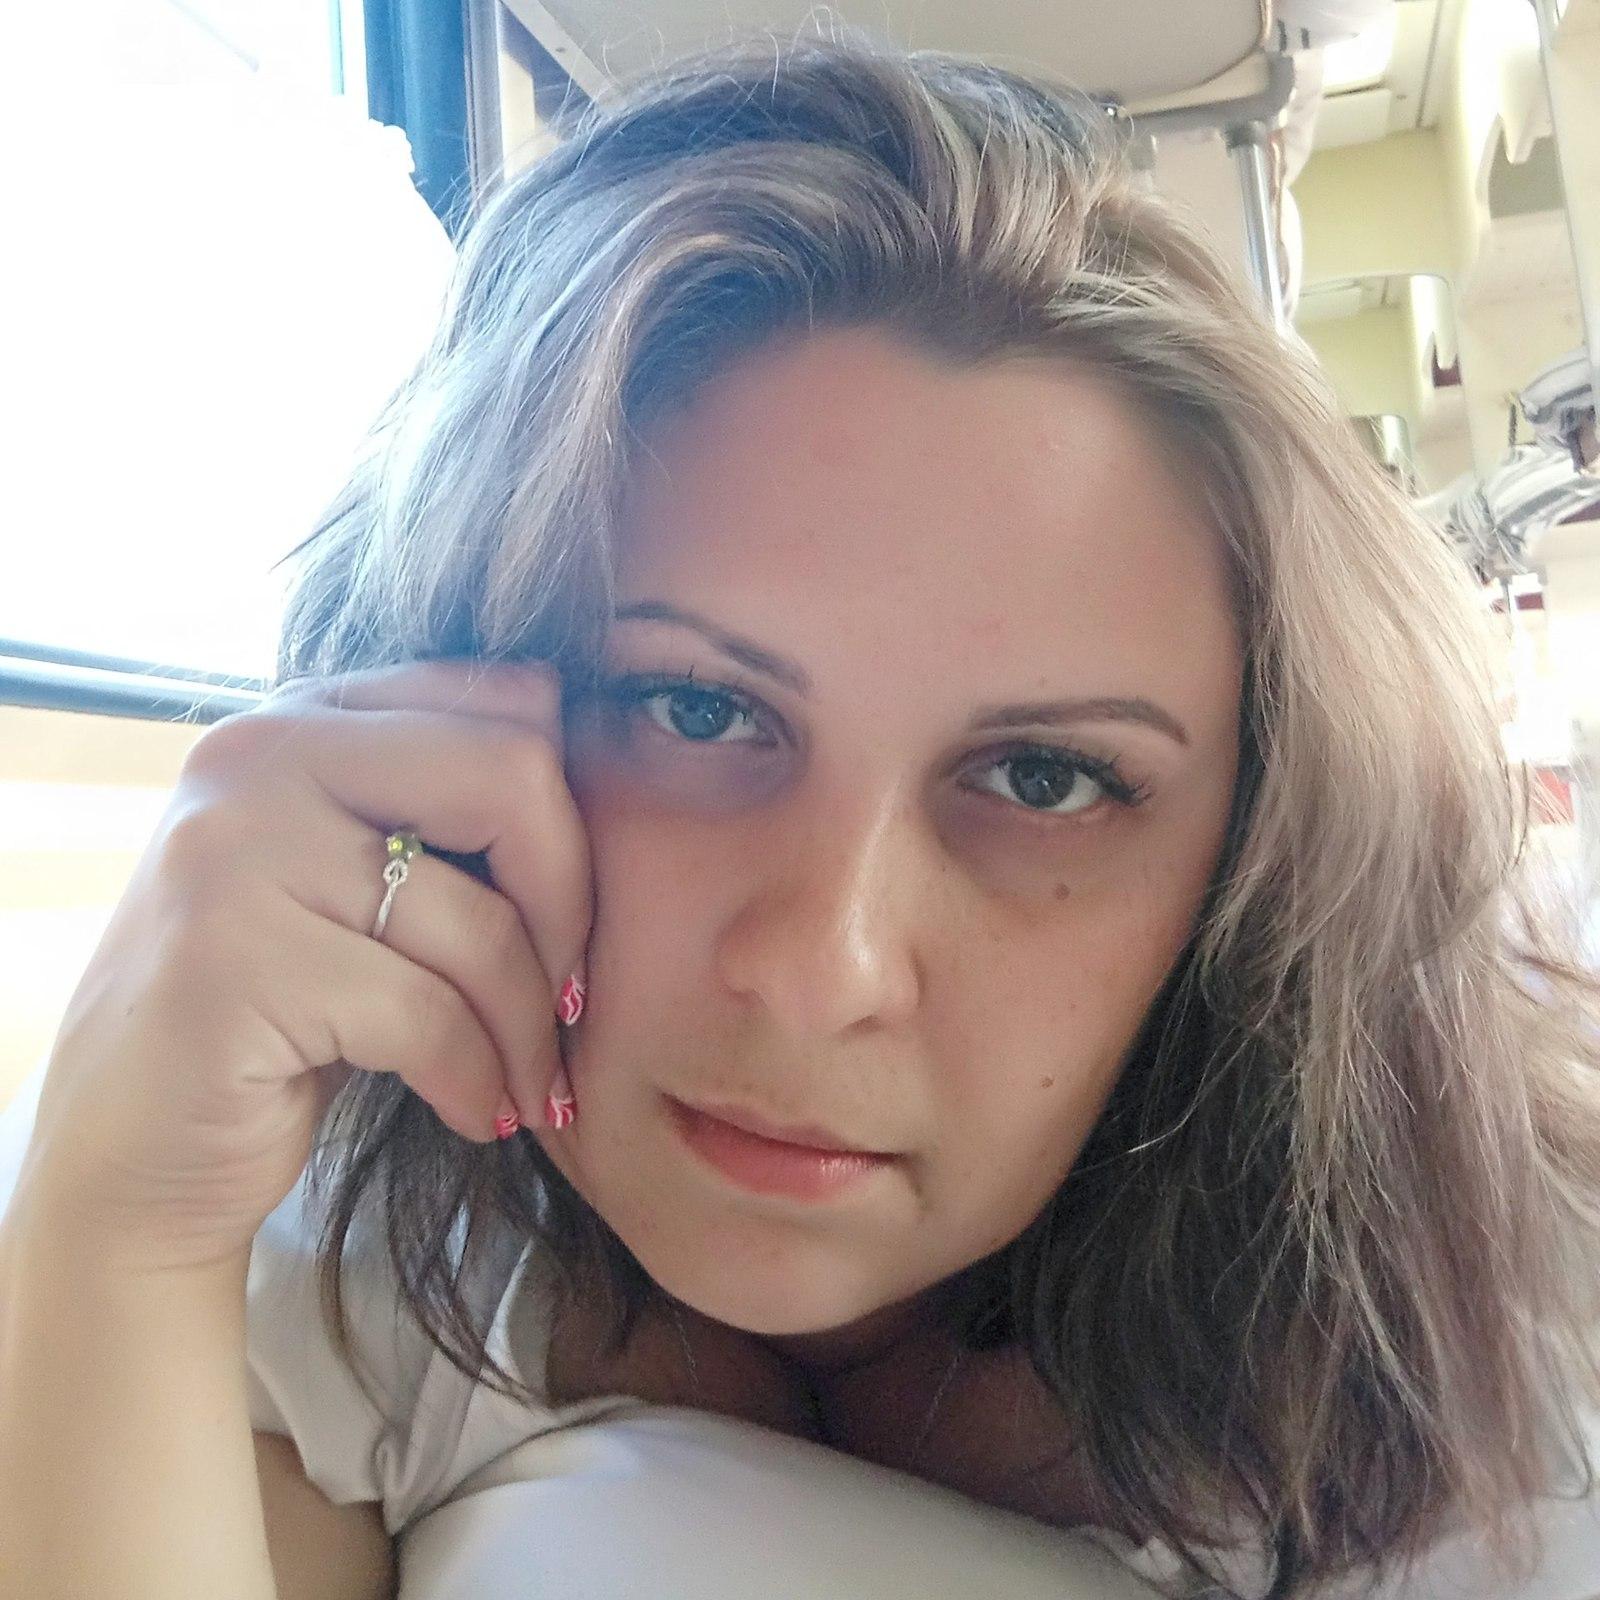 Знакомства в челябинске девушка ищет парня эротические знакомства в омске